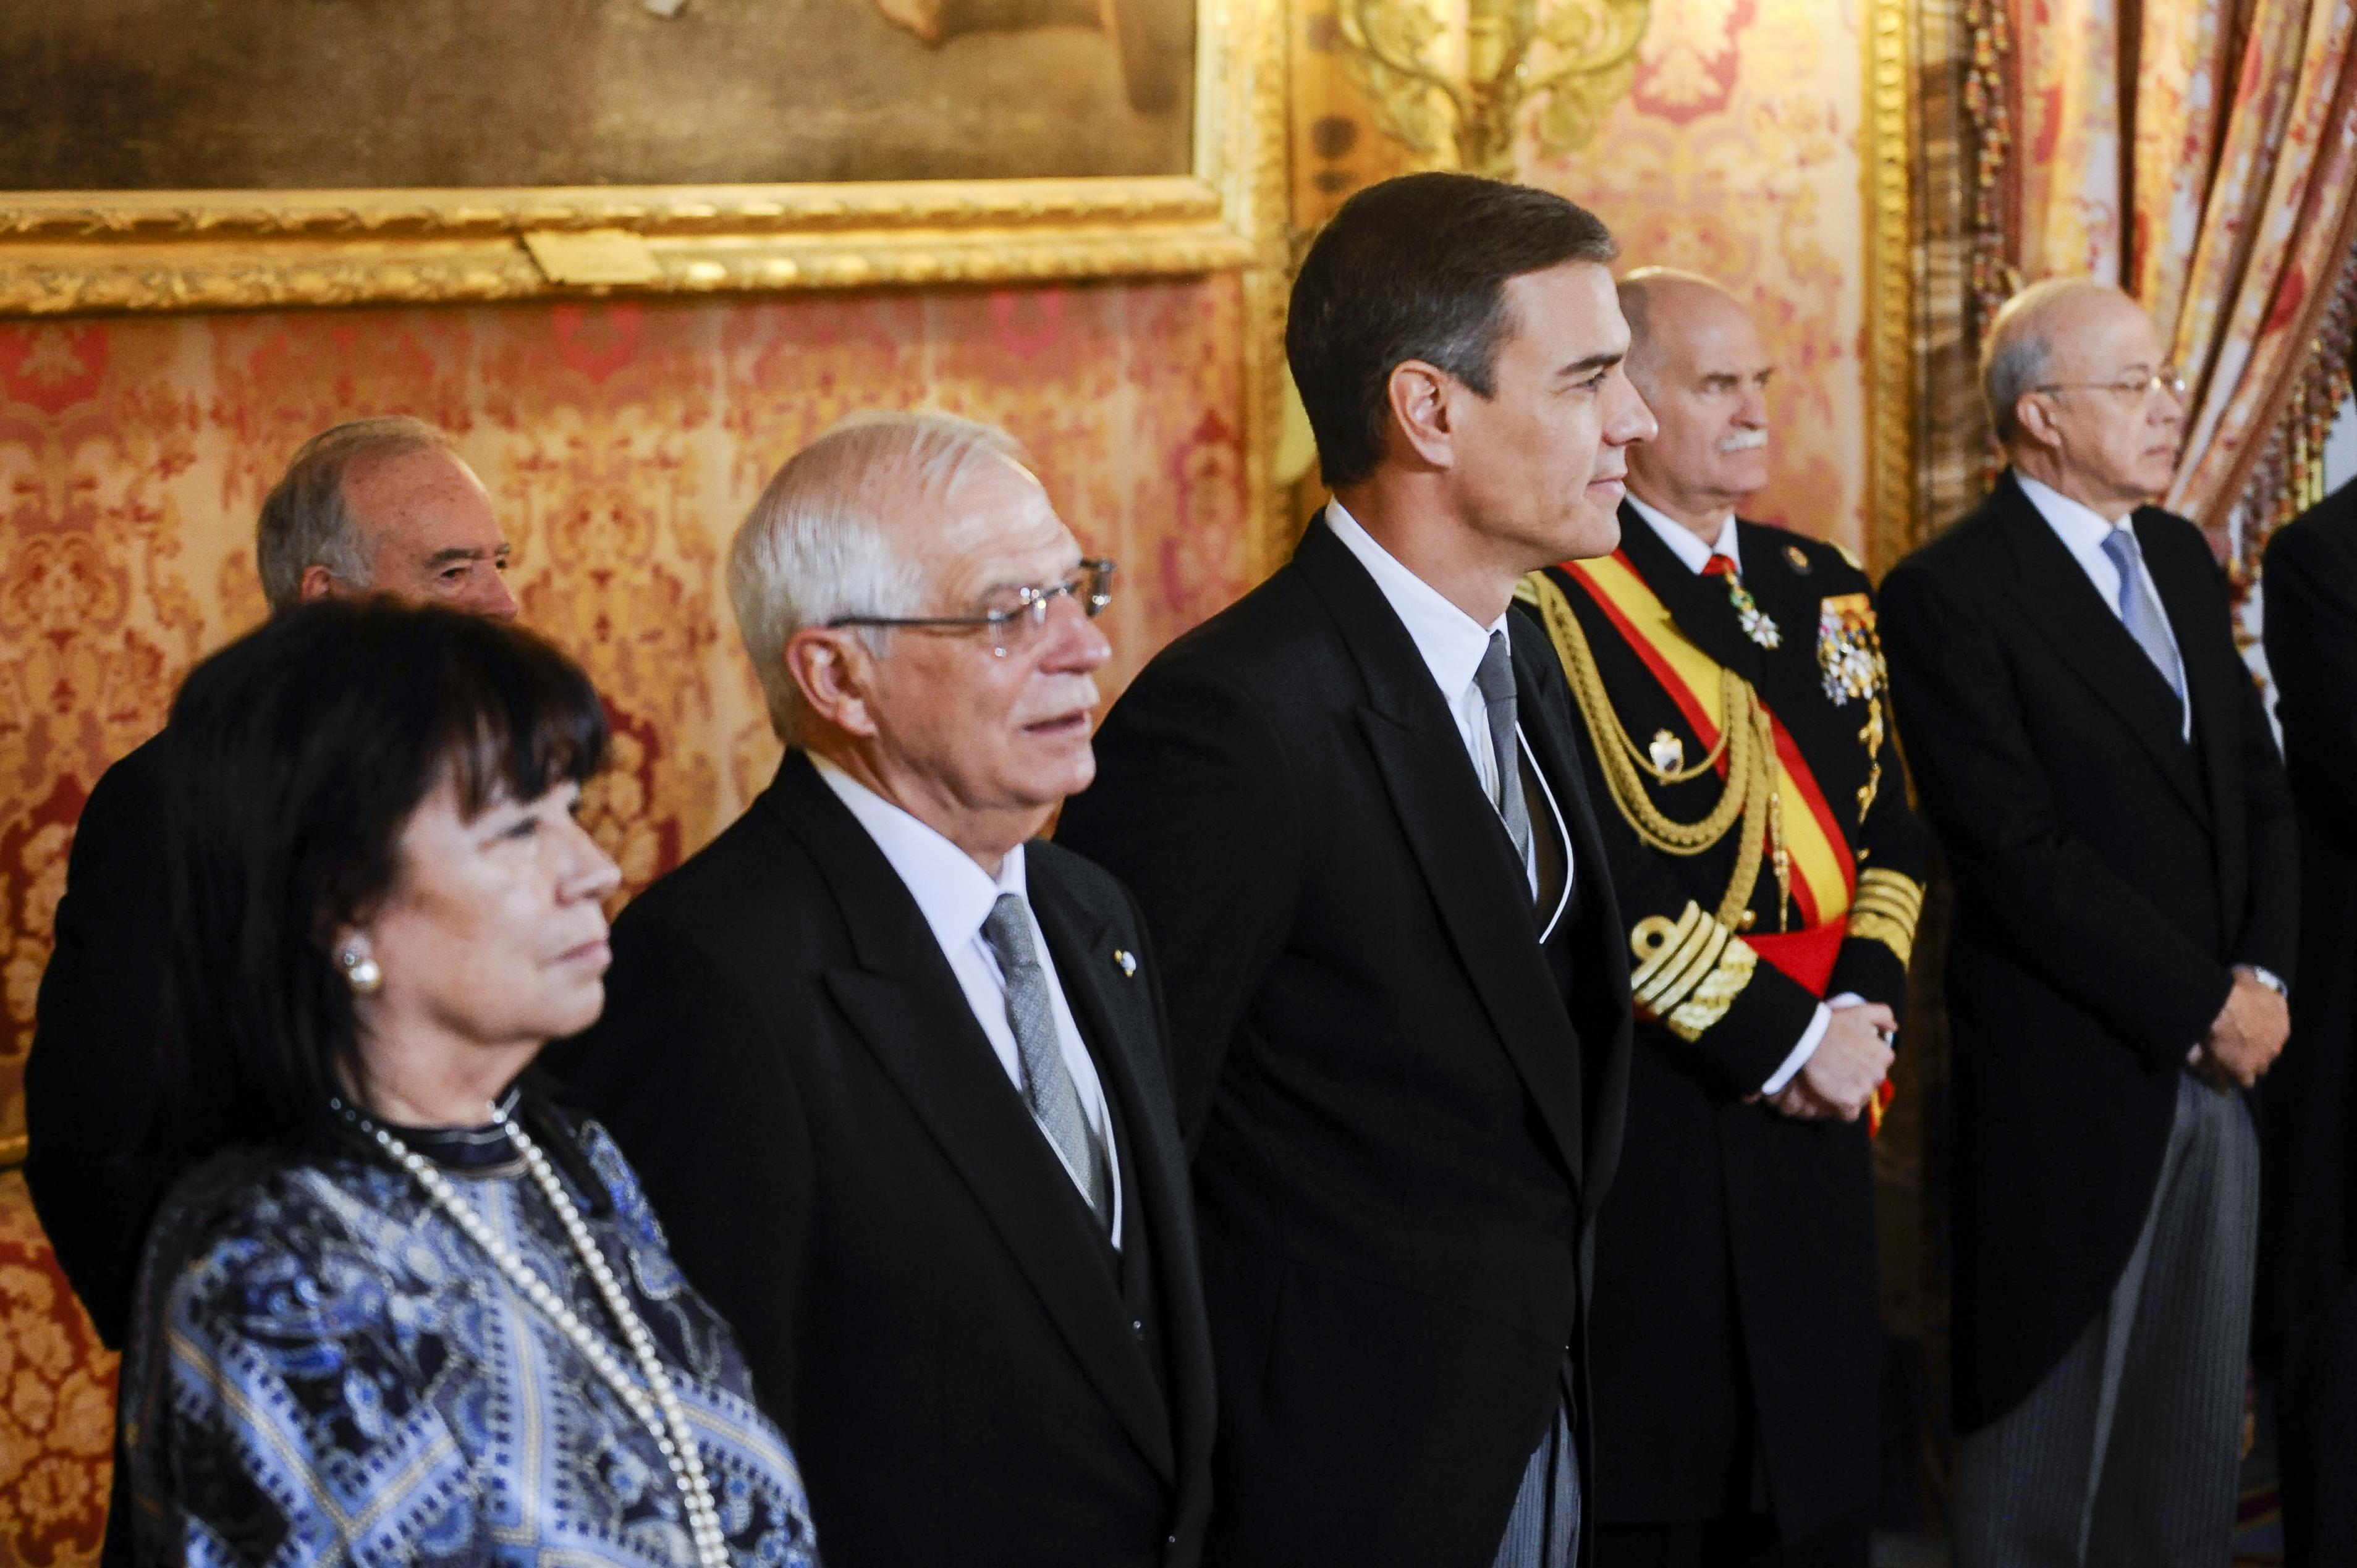 Recepción de los Reyes al Cuerpo Diplomático acreditado en España